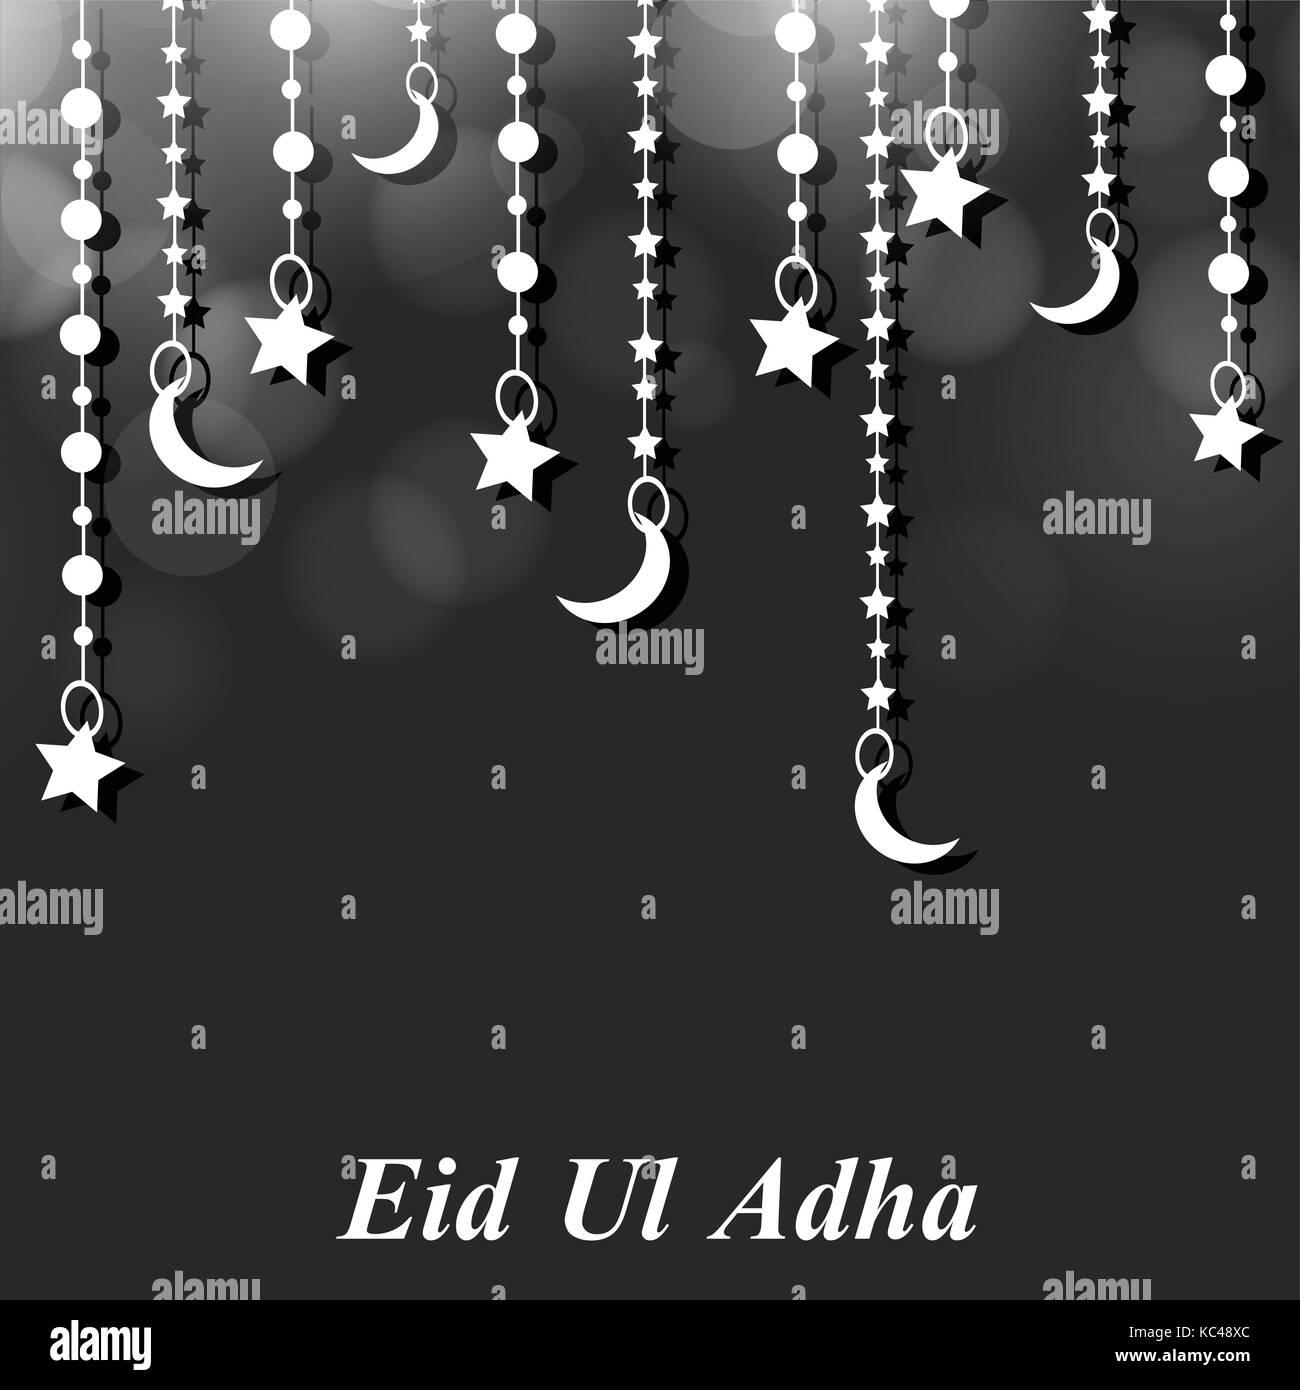 Abbildung: muslimische Fest Eid-ul-Adha Hintergrund Stockfoto